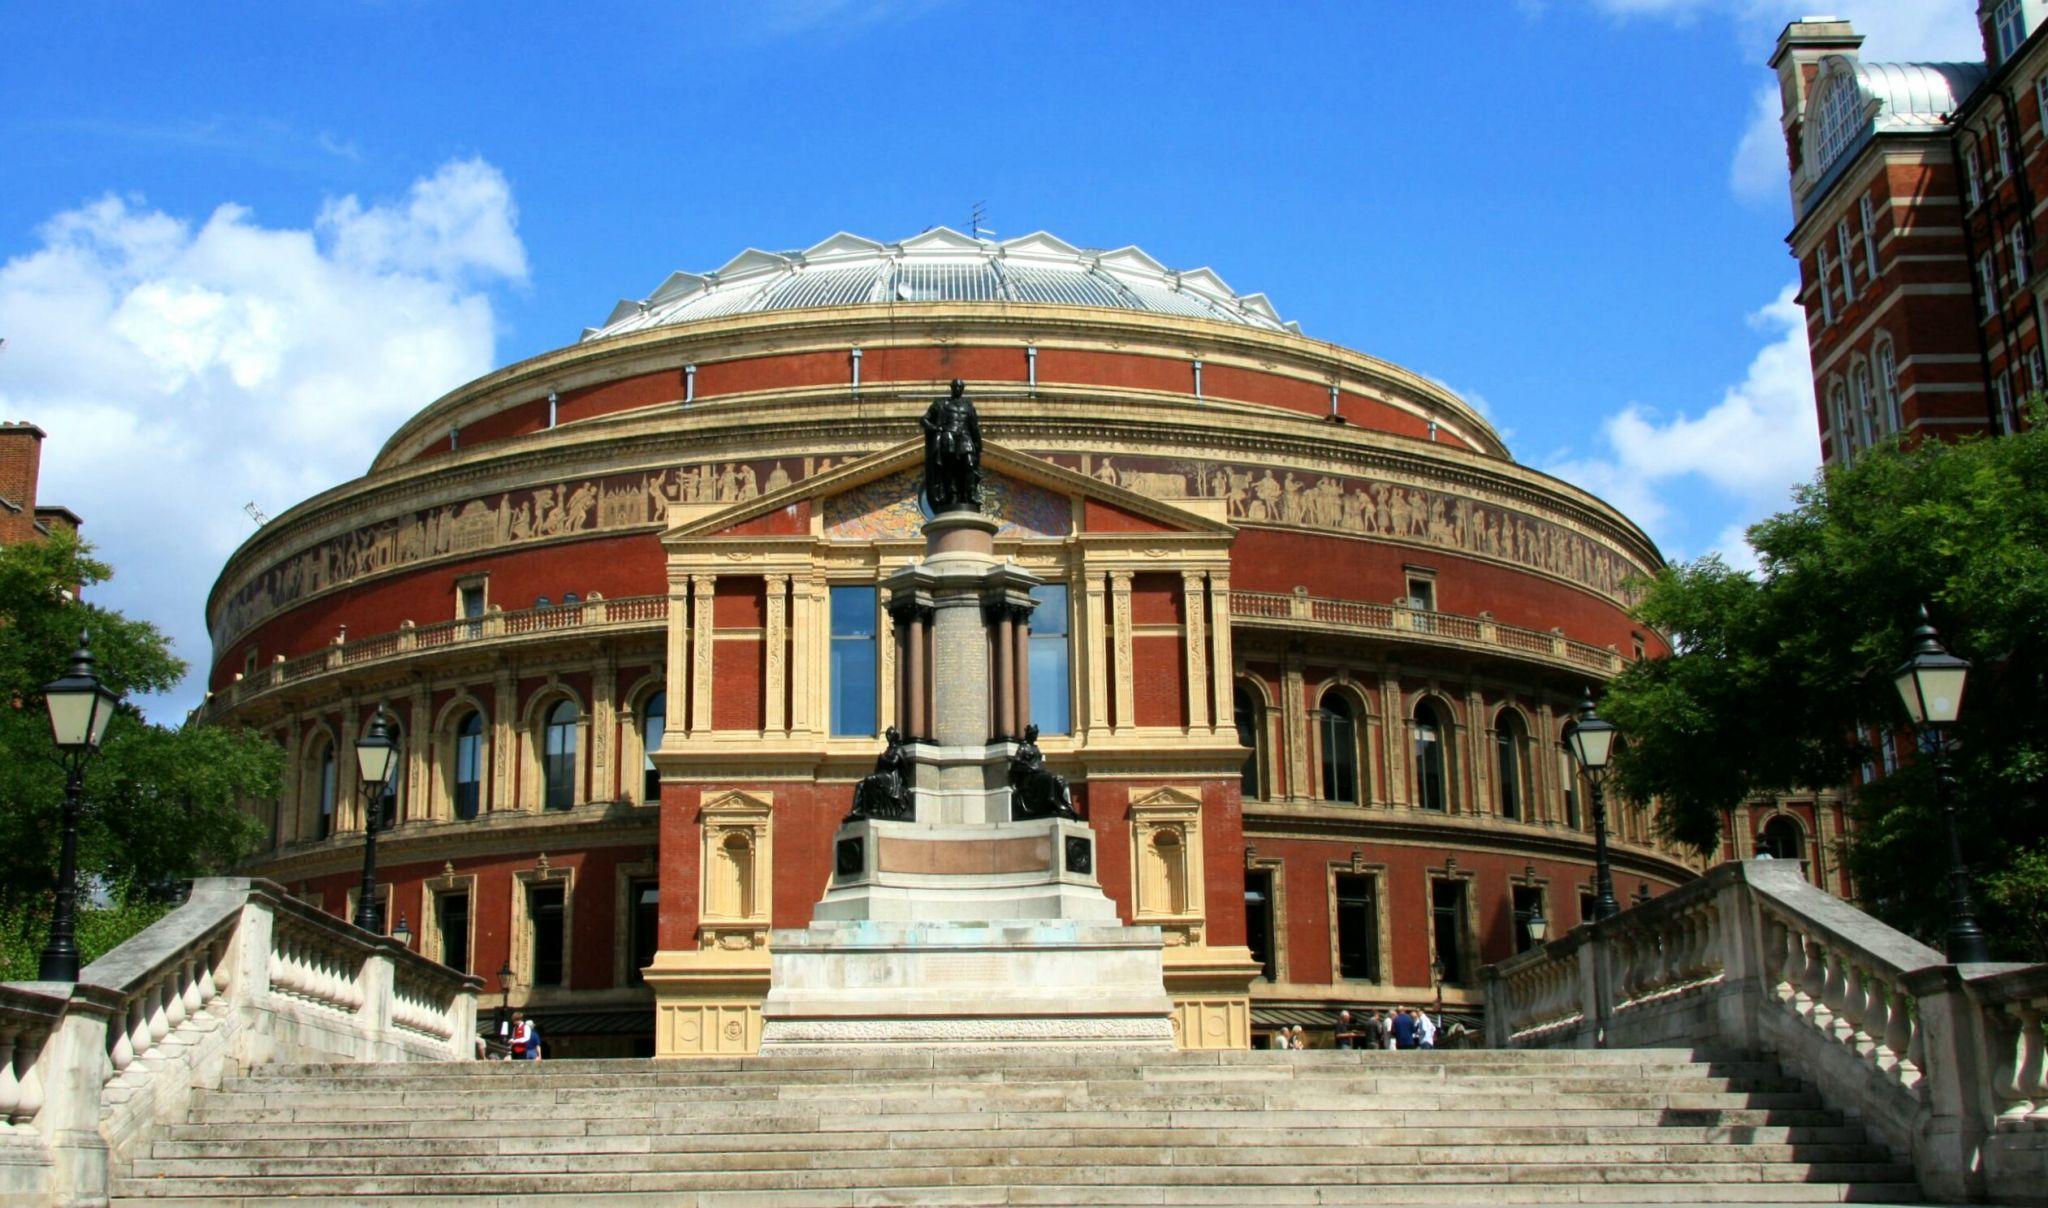 Royal Albert Hall, United Kingdom